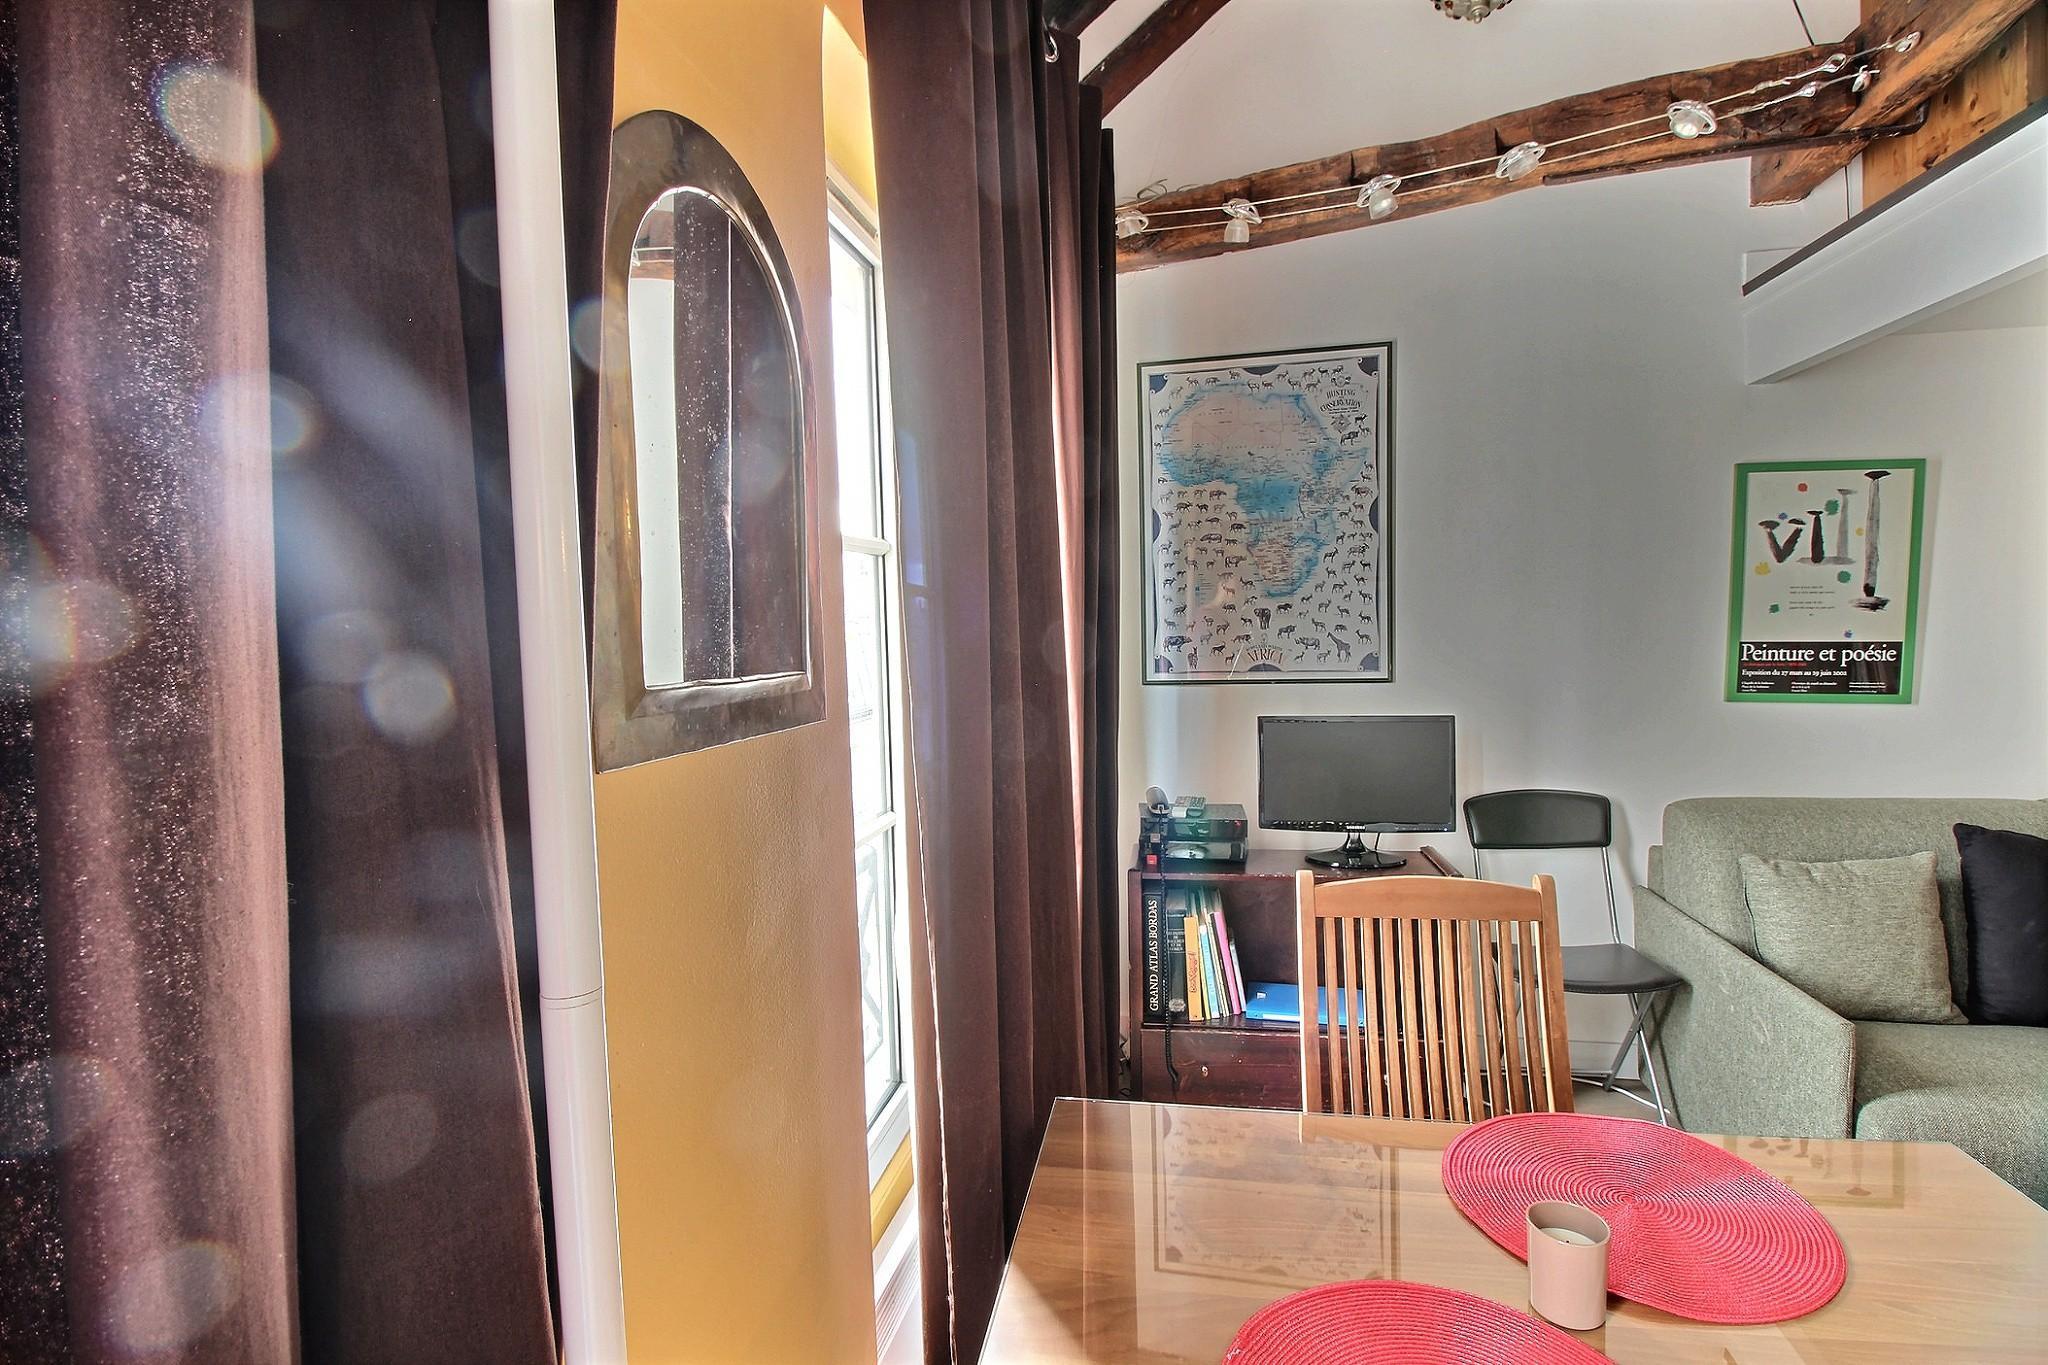 105281 - Latin quarter apartment paris